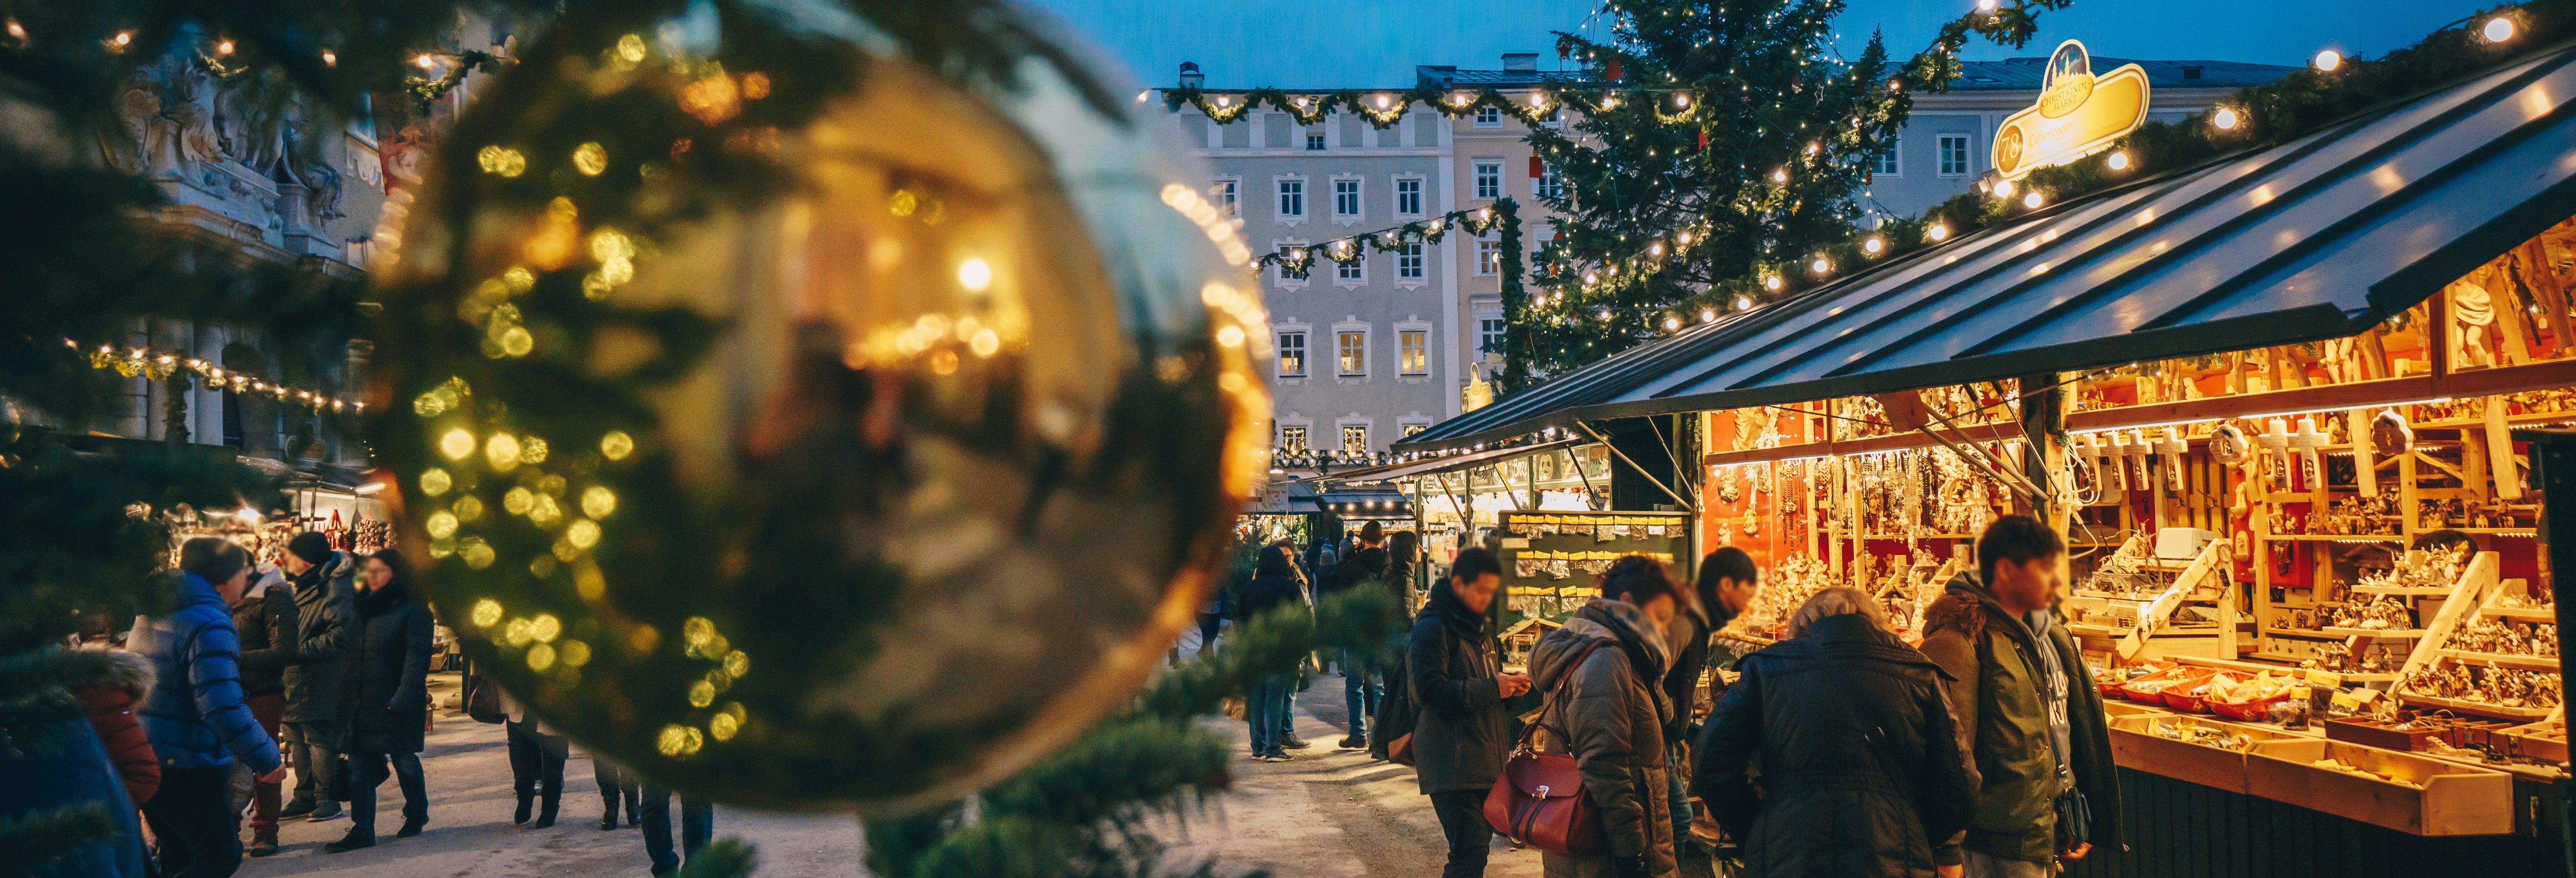 Excursión a los mercadillos de Navidad del lago Wolfgang